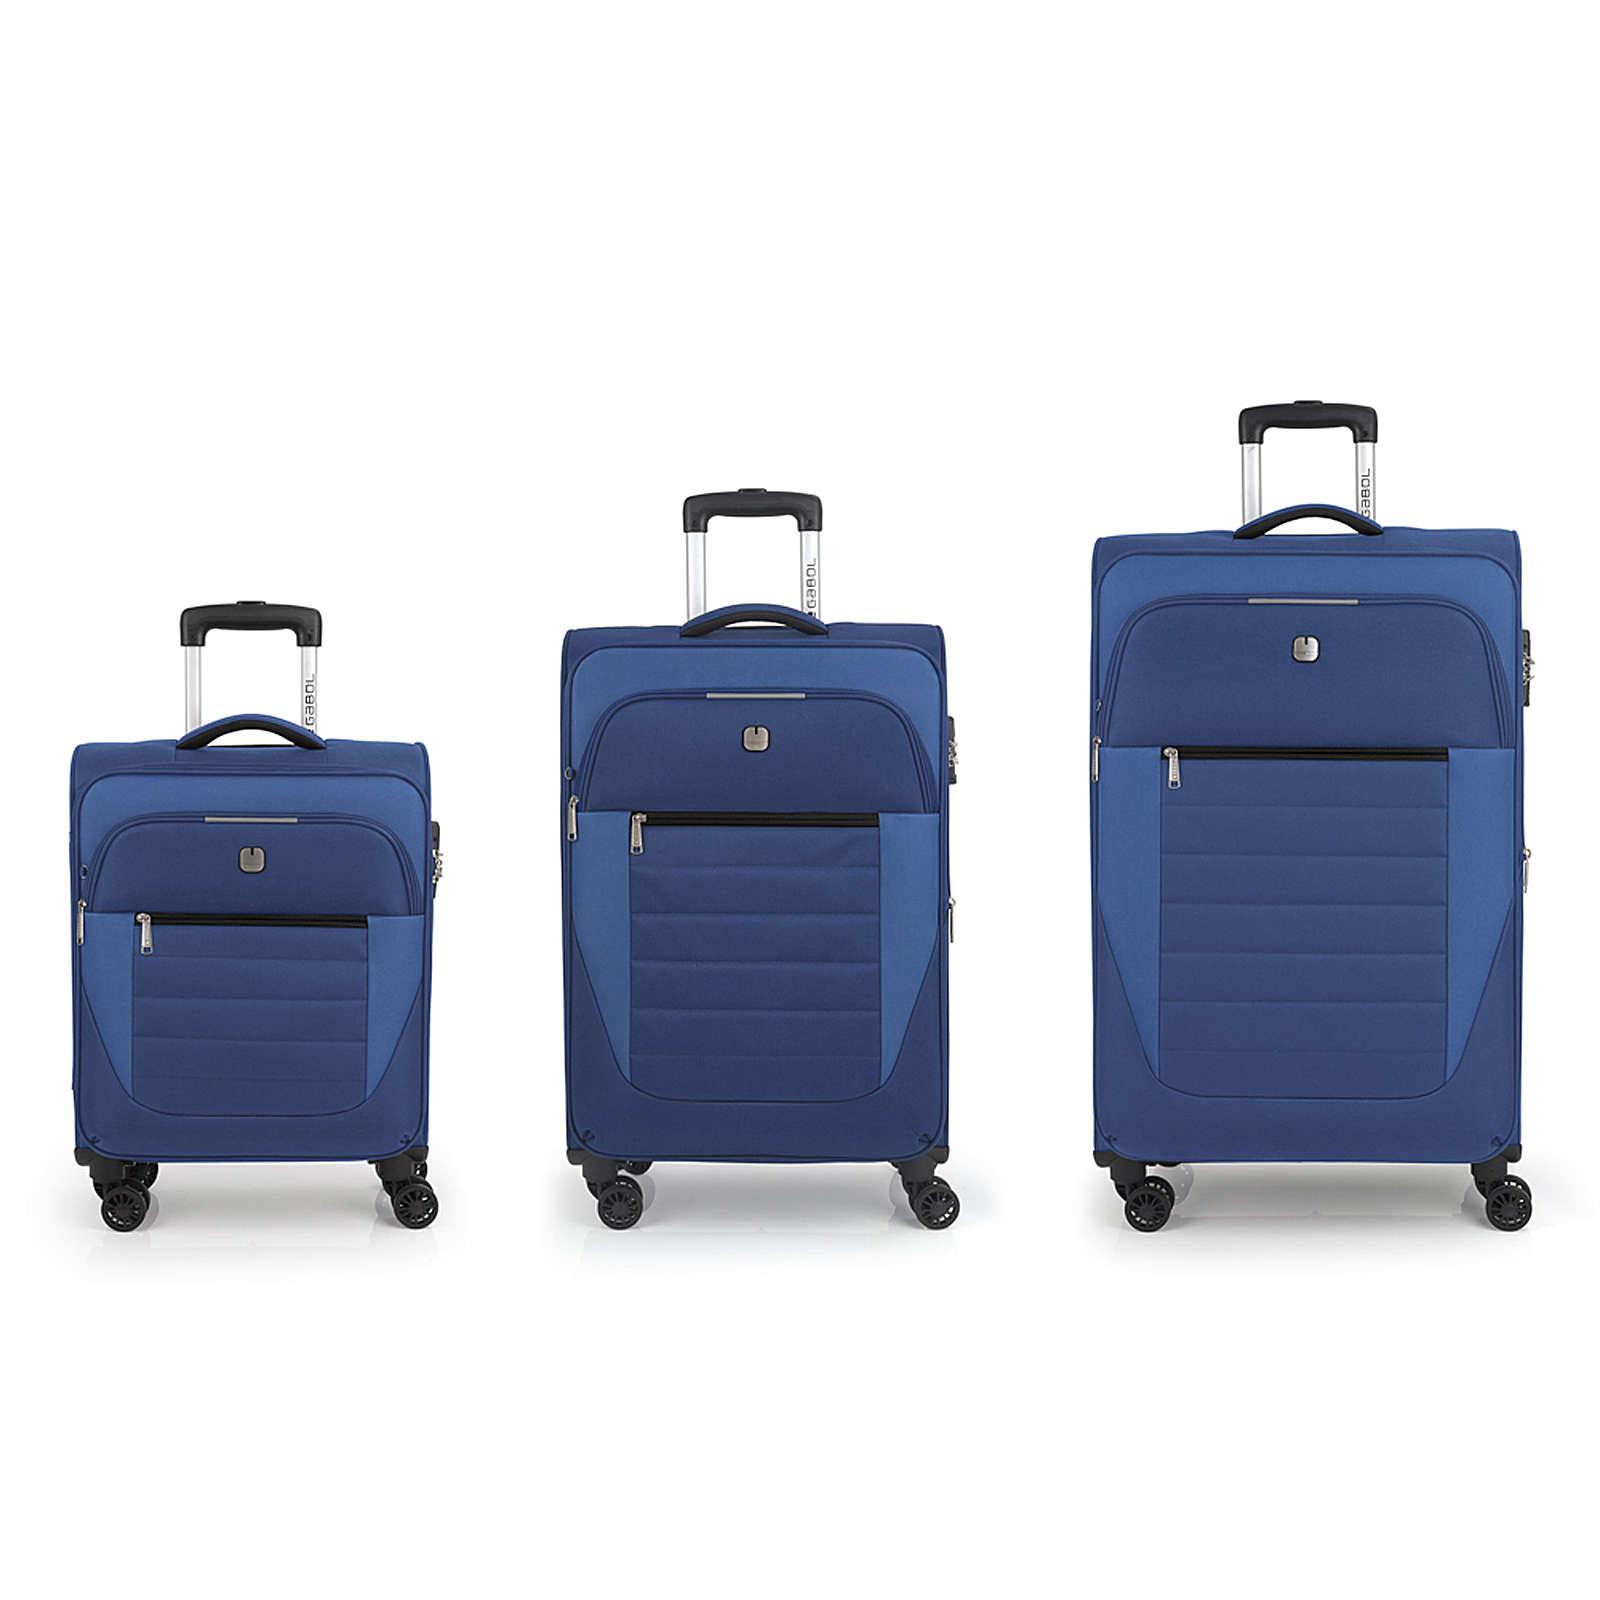 Gabol Sky 4-Rollen Kofferset 3tlg. Trolleys blau